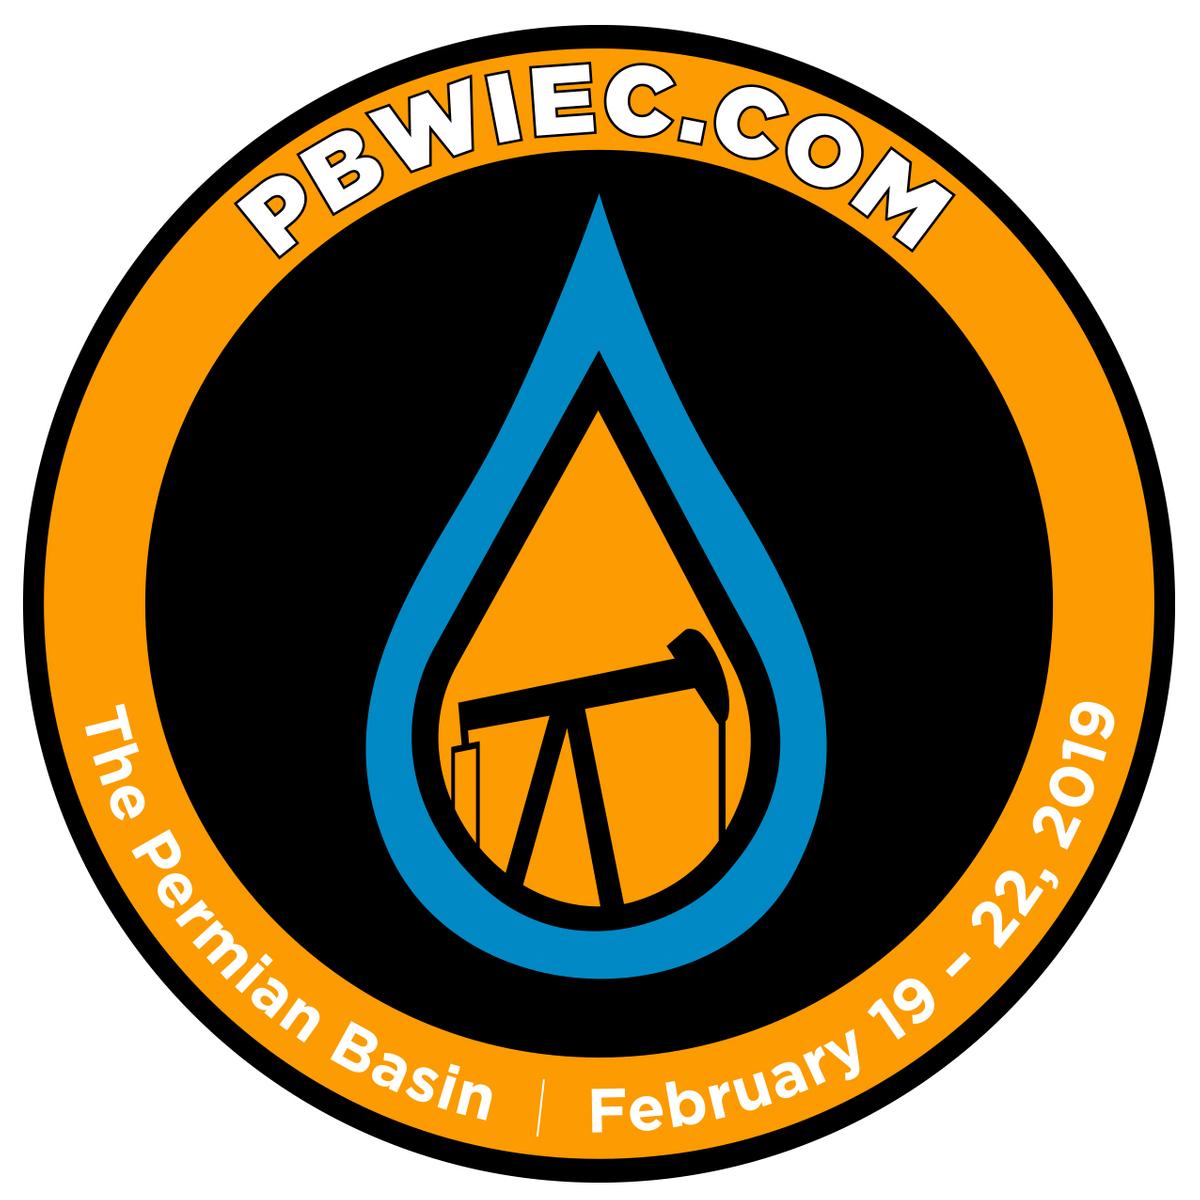 PBWIEC Logo_2019 (002).jpg